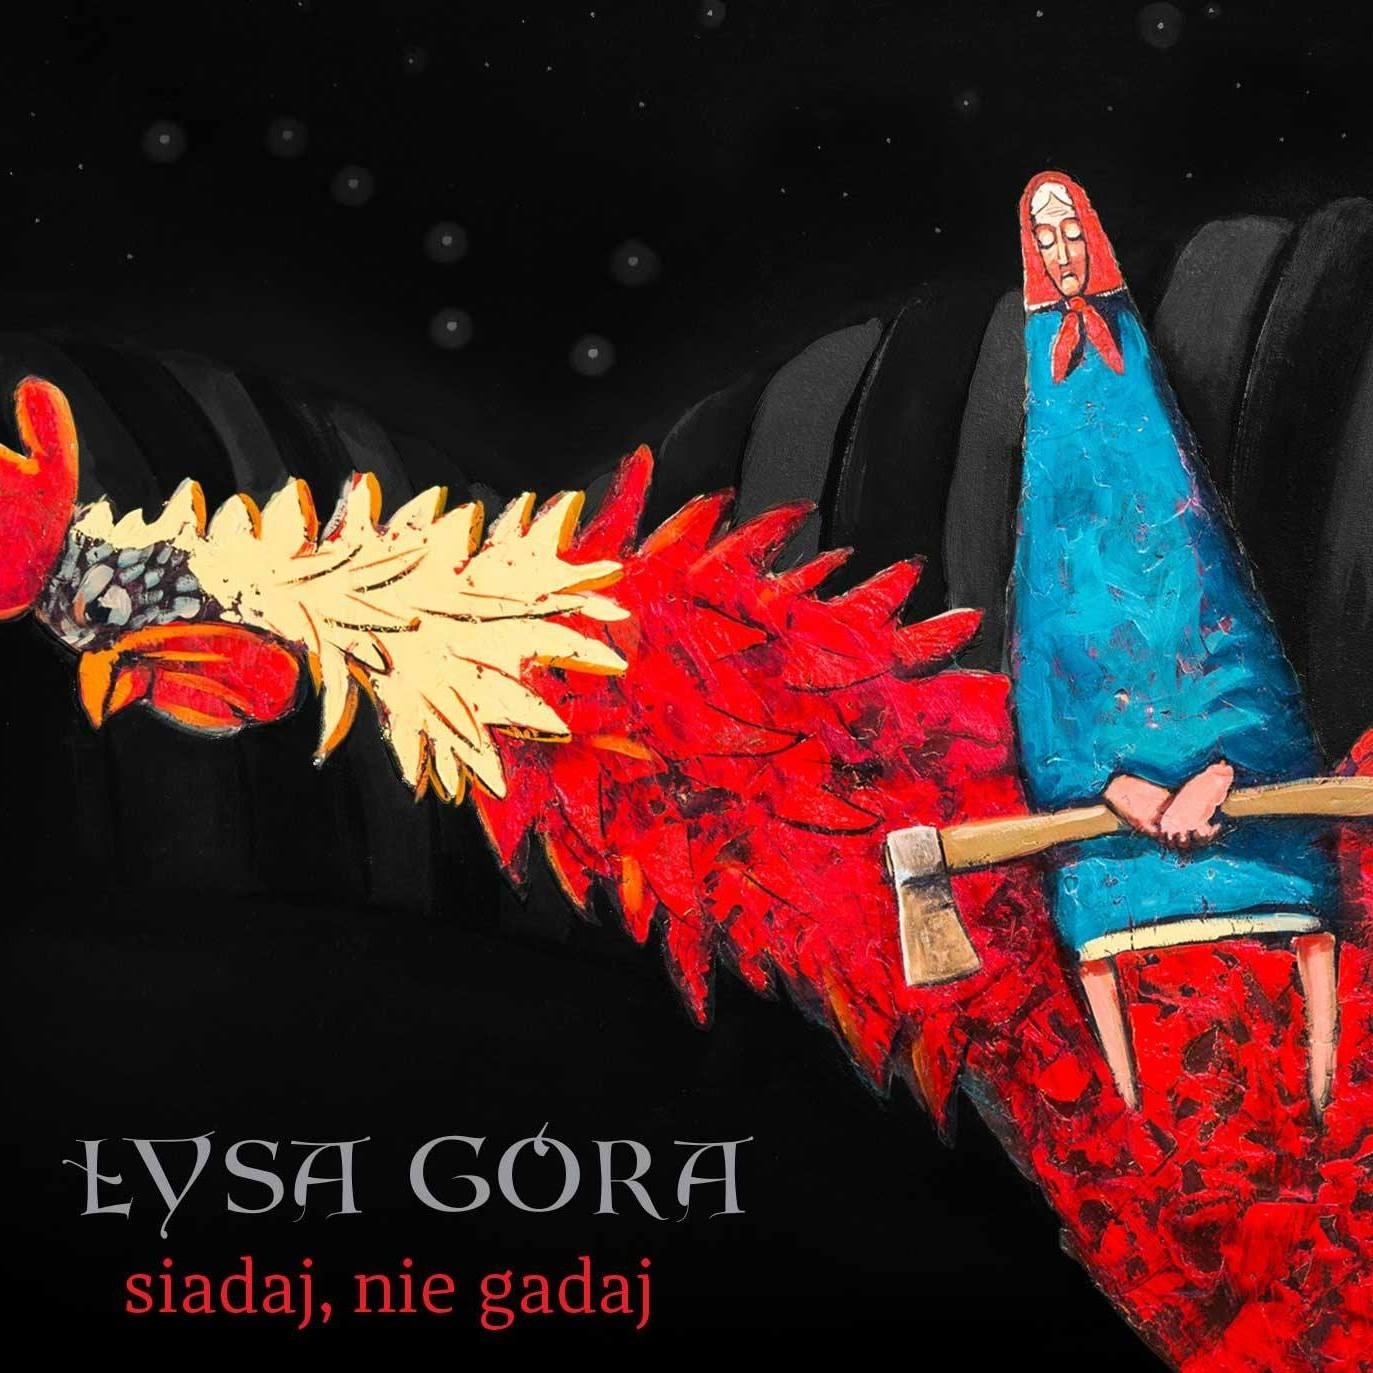 lysagora